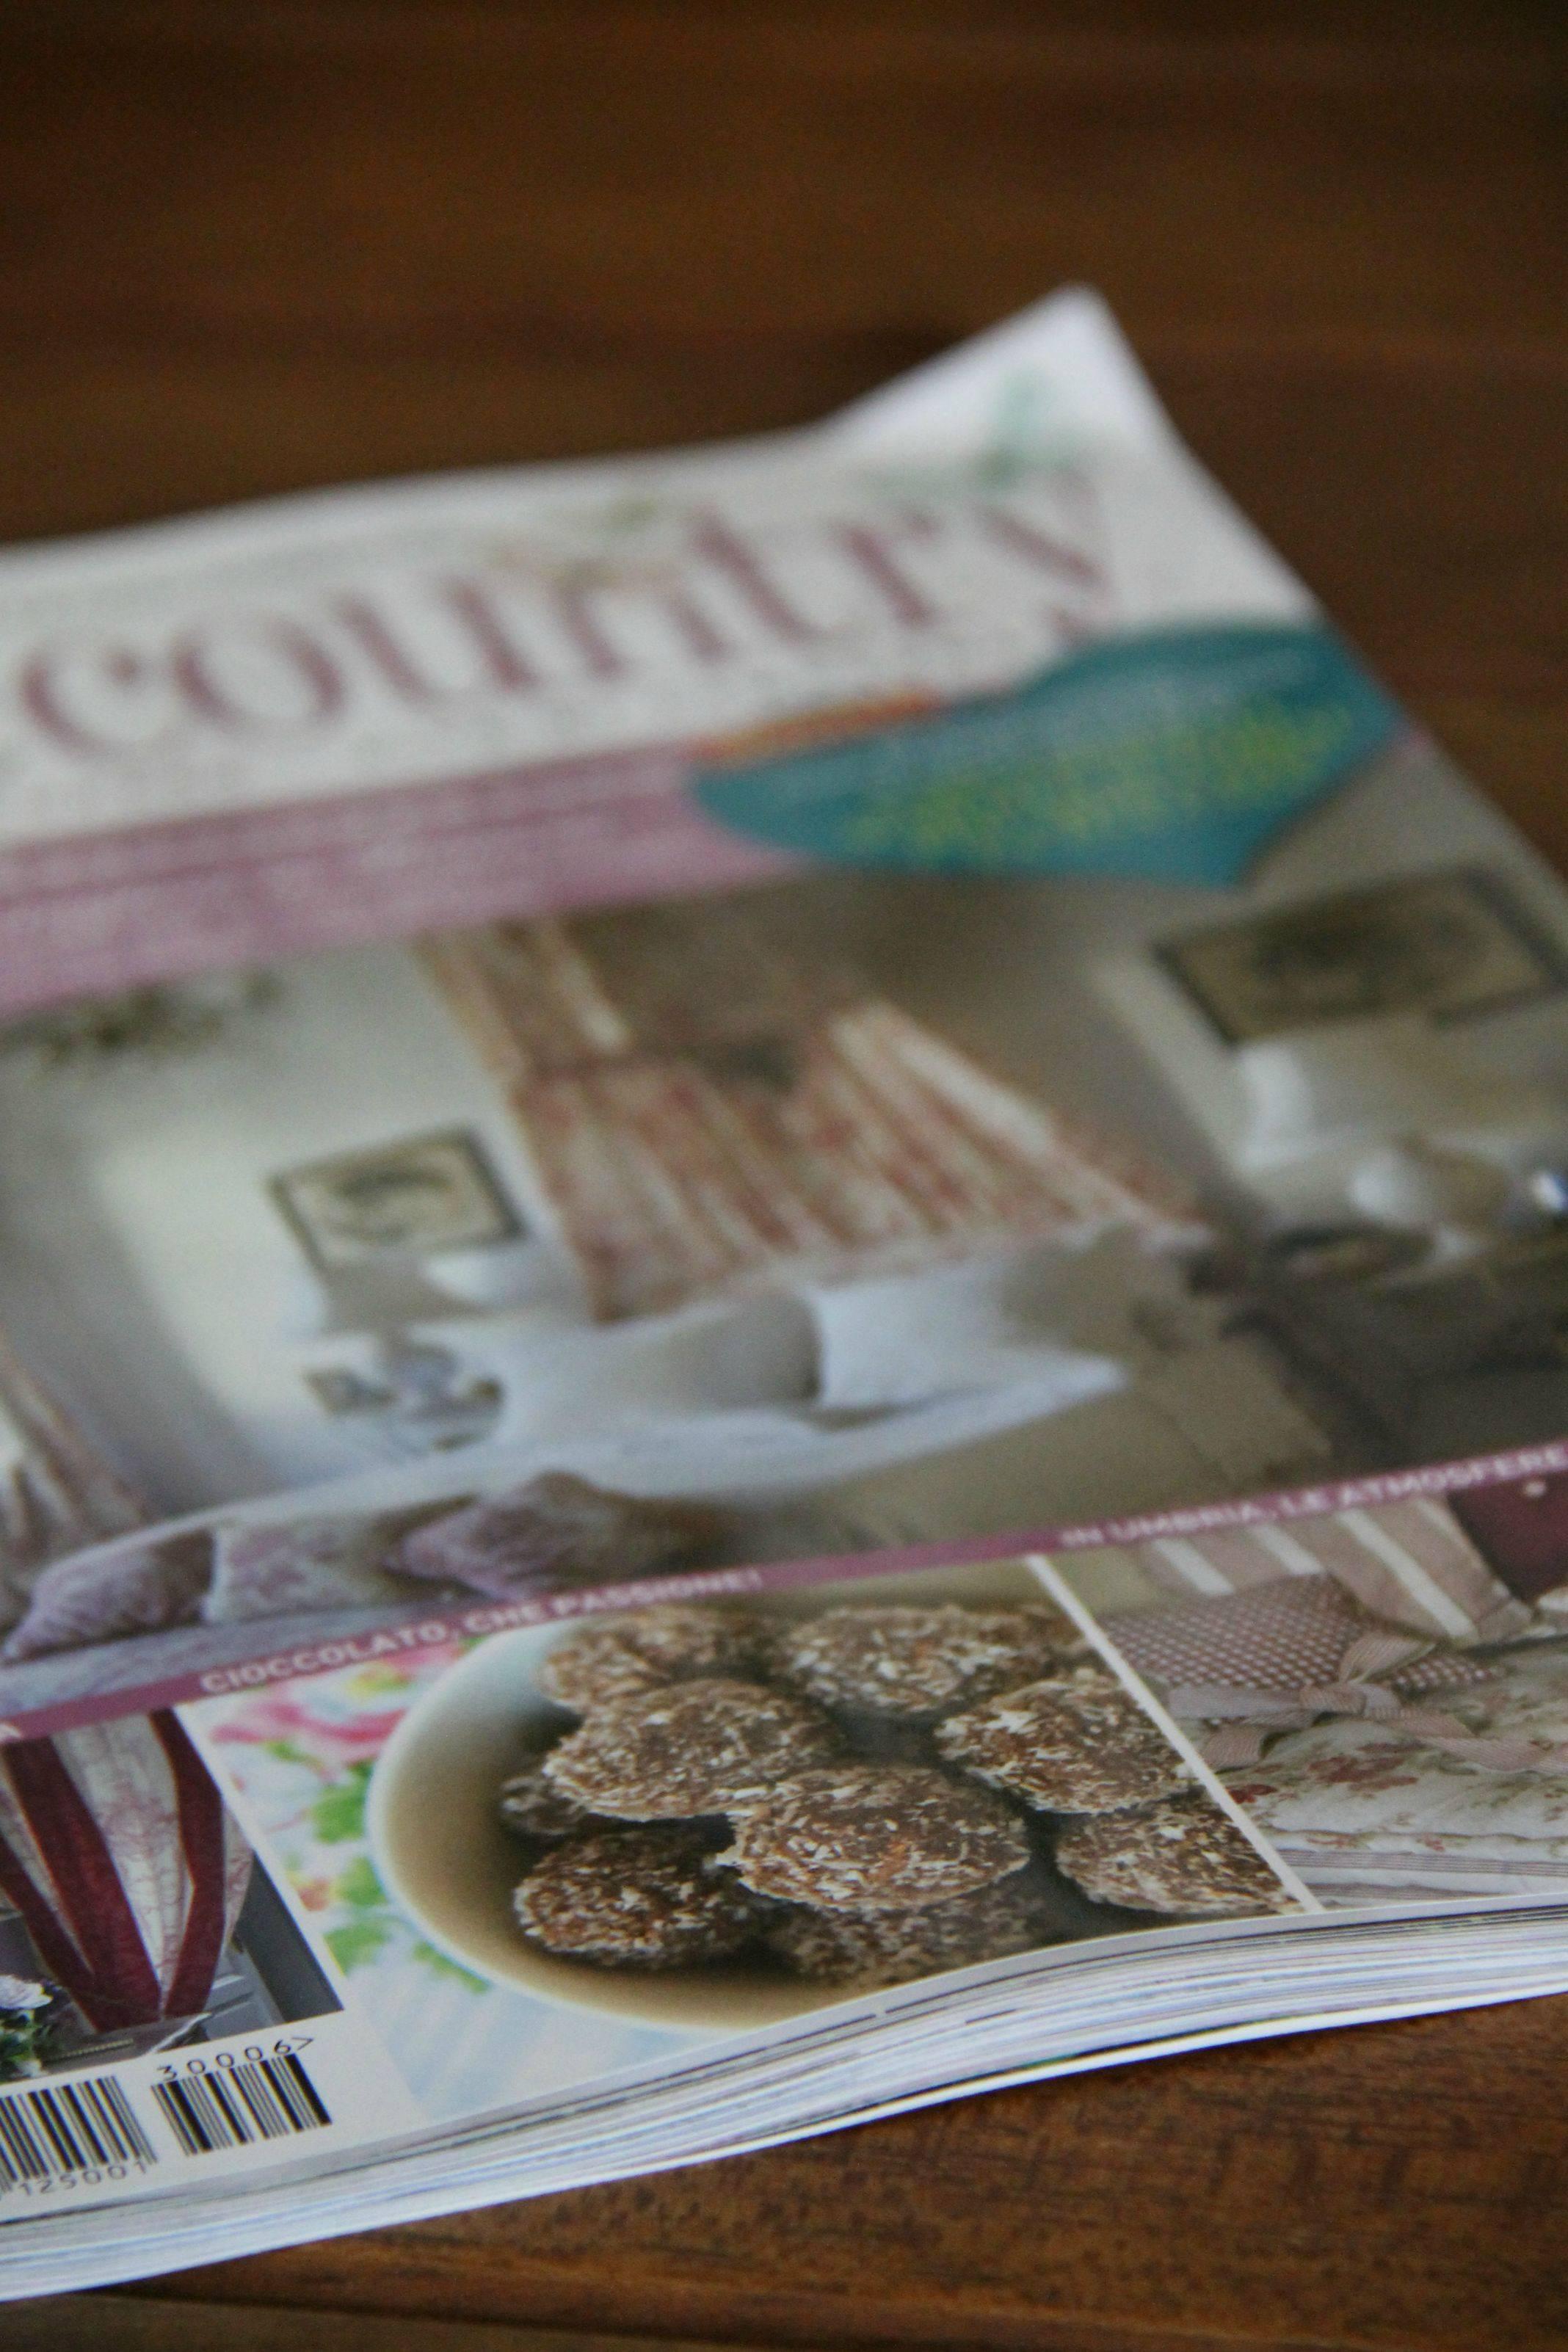 Le ricette dell'Amore Vero su Abitare Country e Corriere della Sera